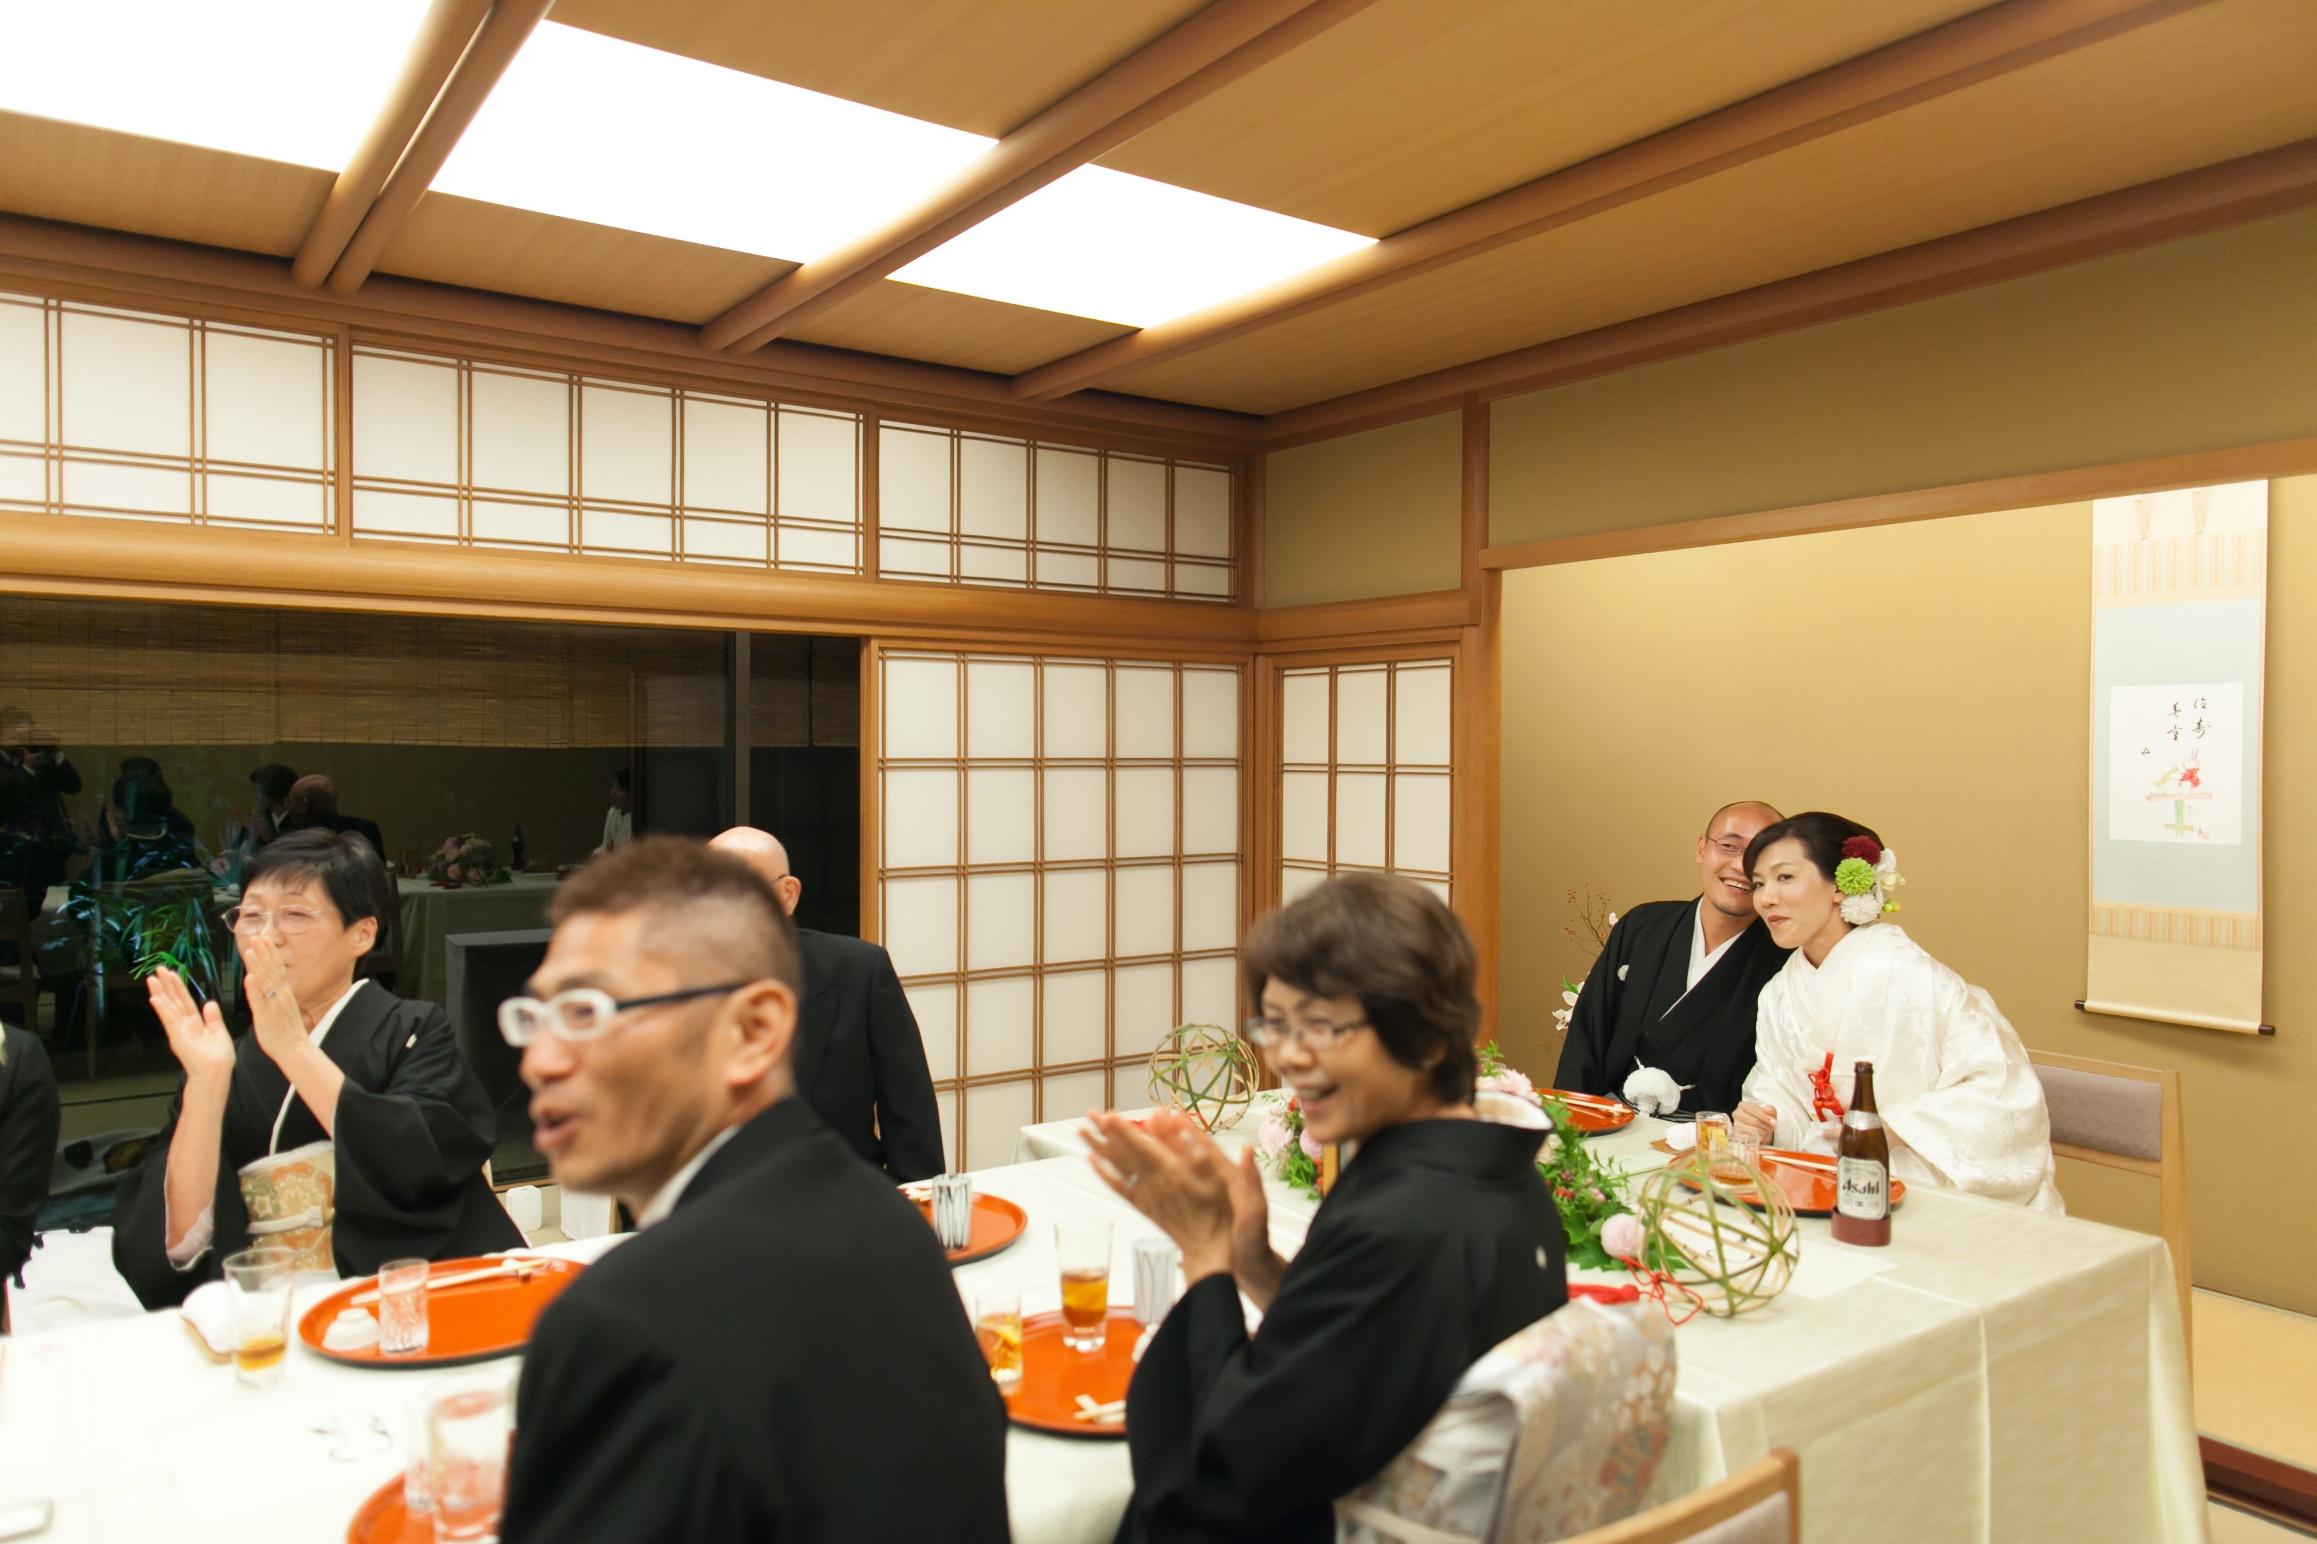 【京都和婚特集】少人数の結婚式には笑顔がいっぱいです!